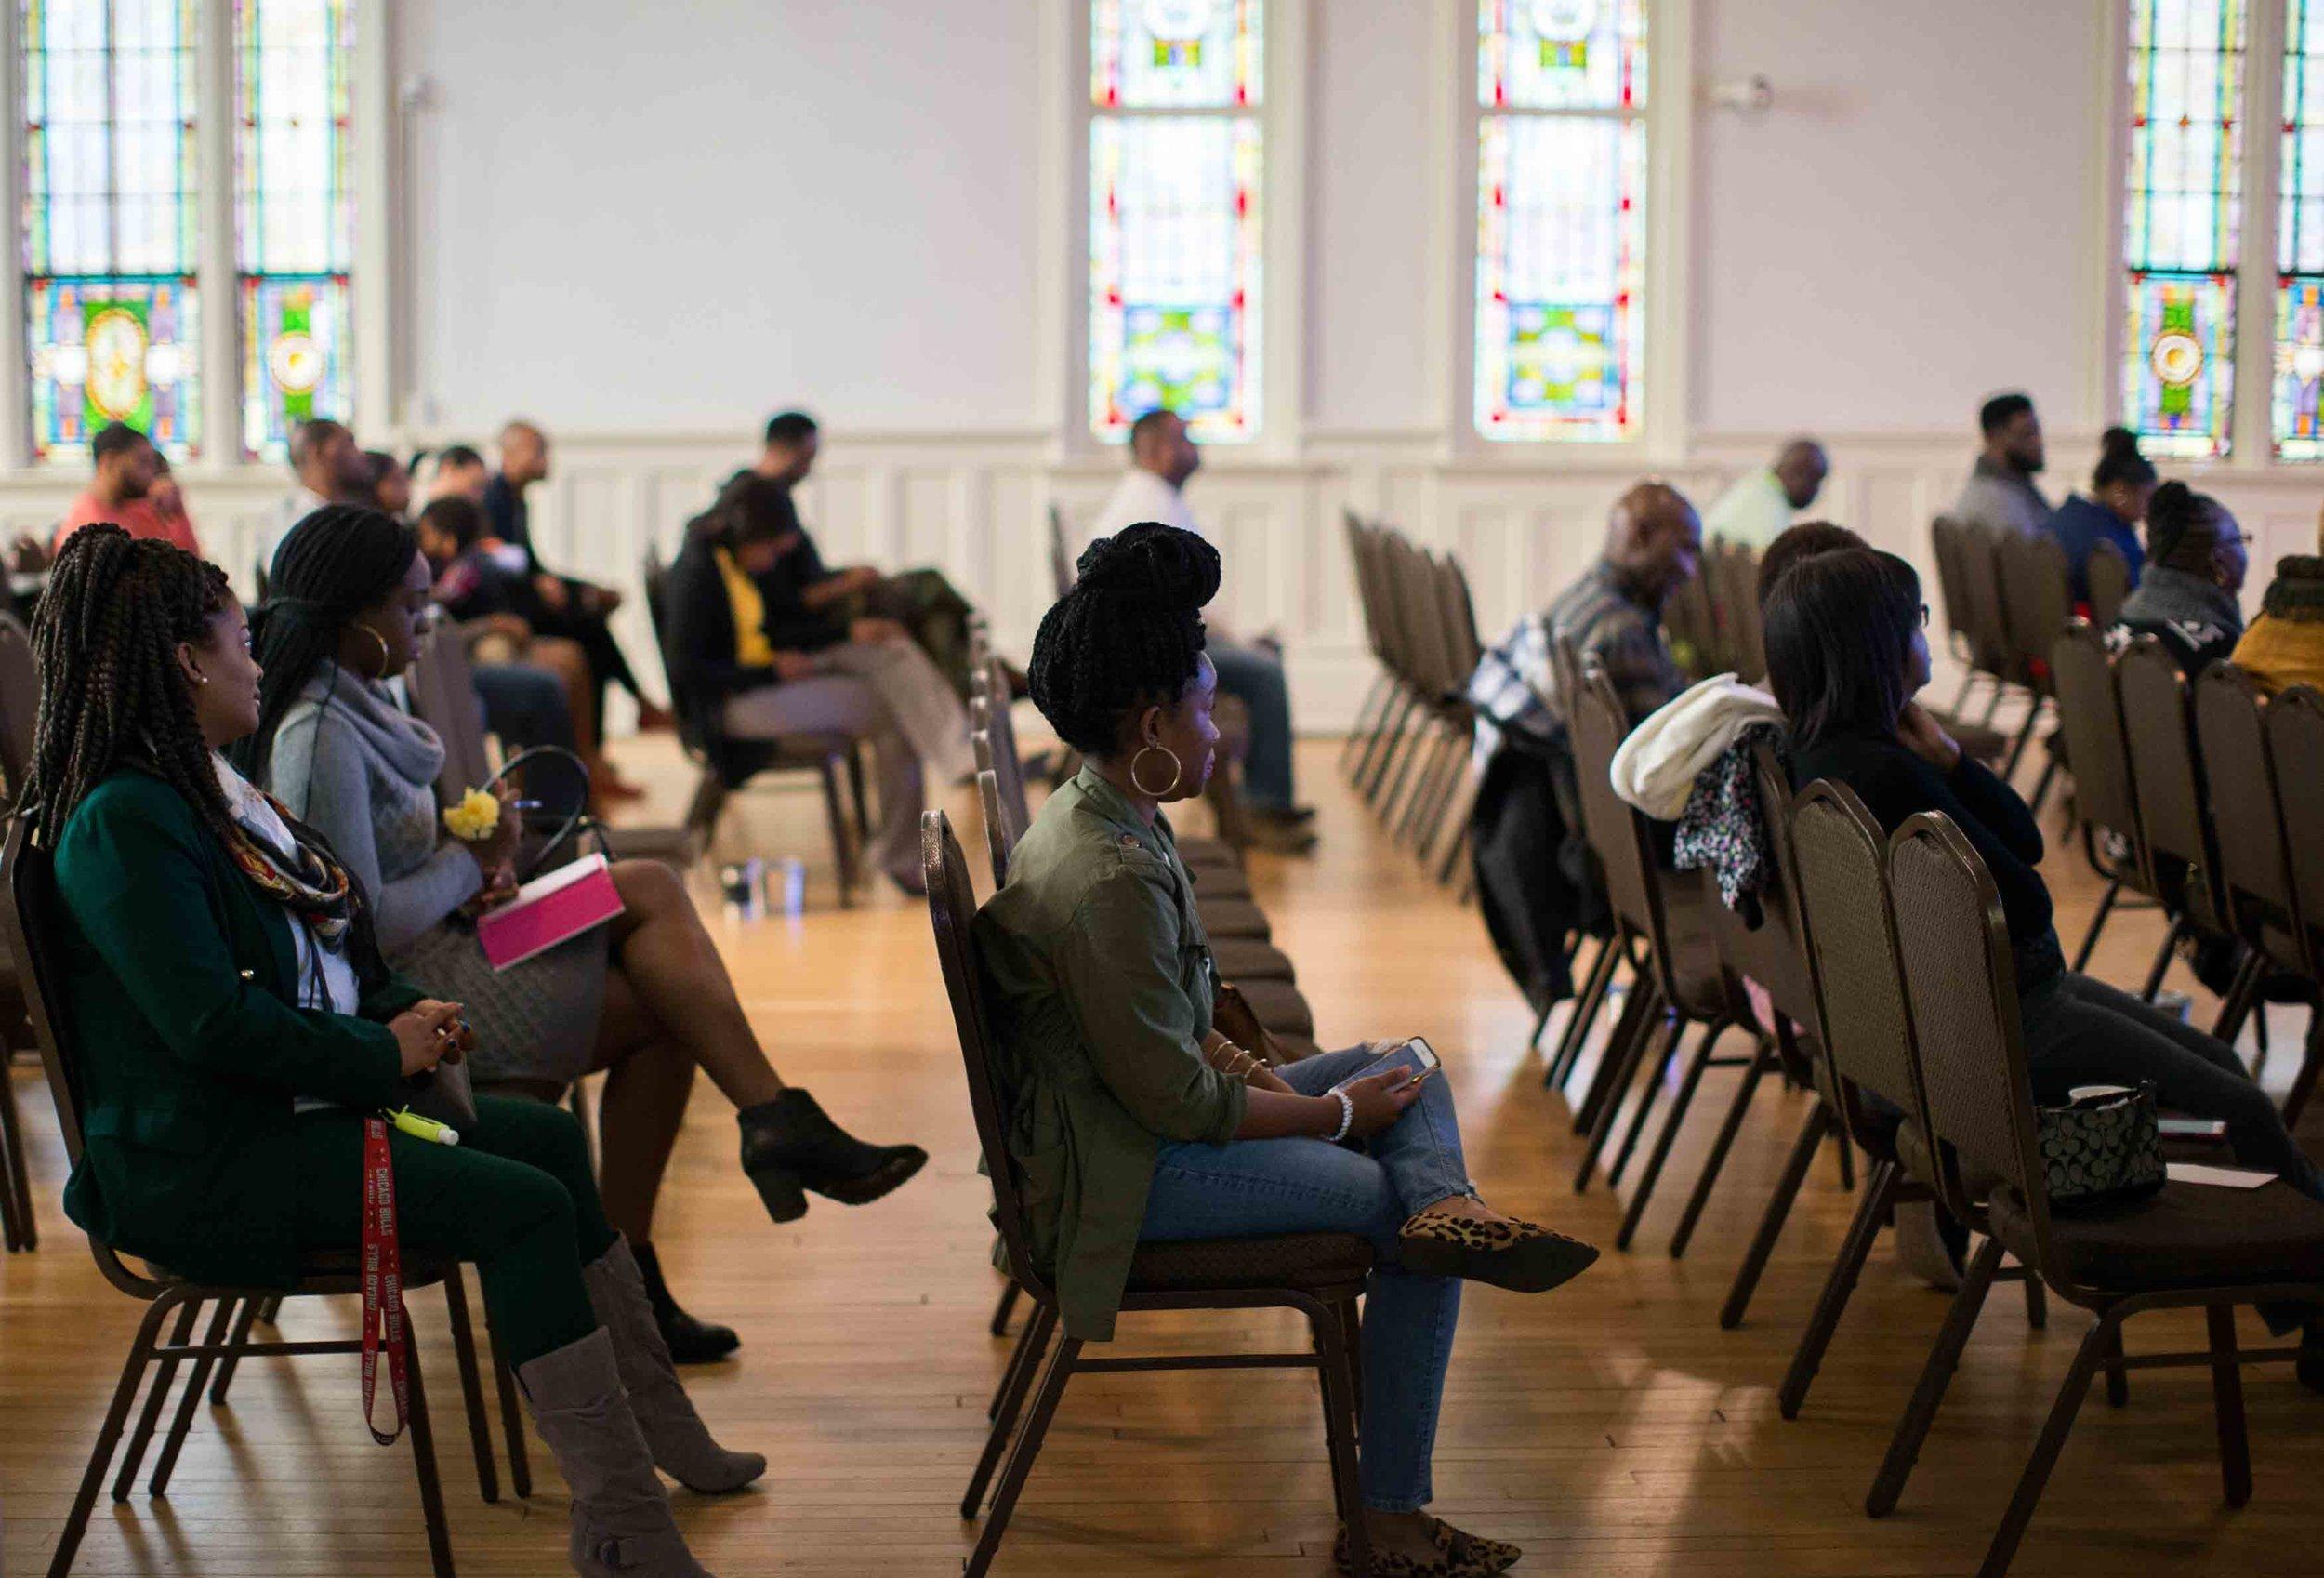 Congregants listen as pastor Billy Honor preaches during a church service at Pulse Church, Sunday, Nov. 13, 2016, in Atlanta.    Branden Camp / for NBC News